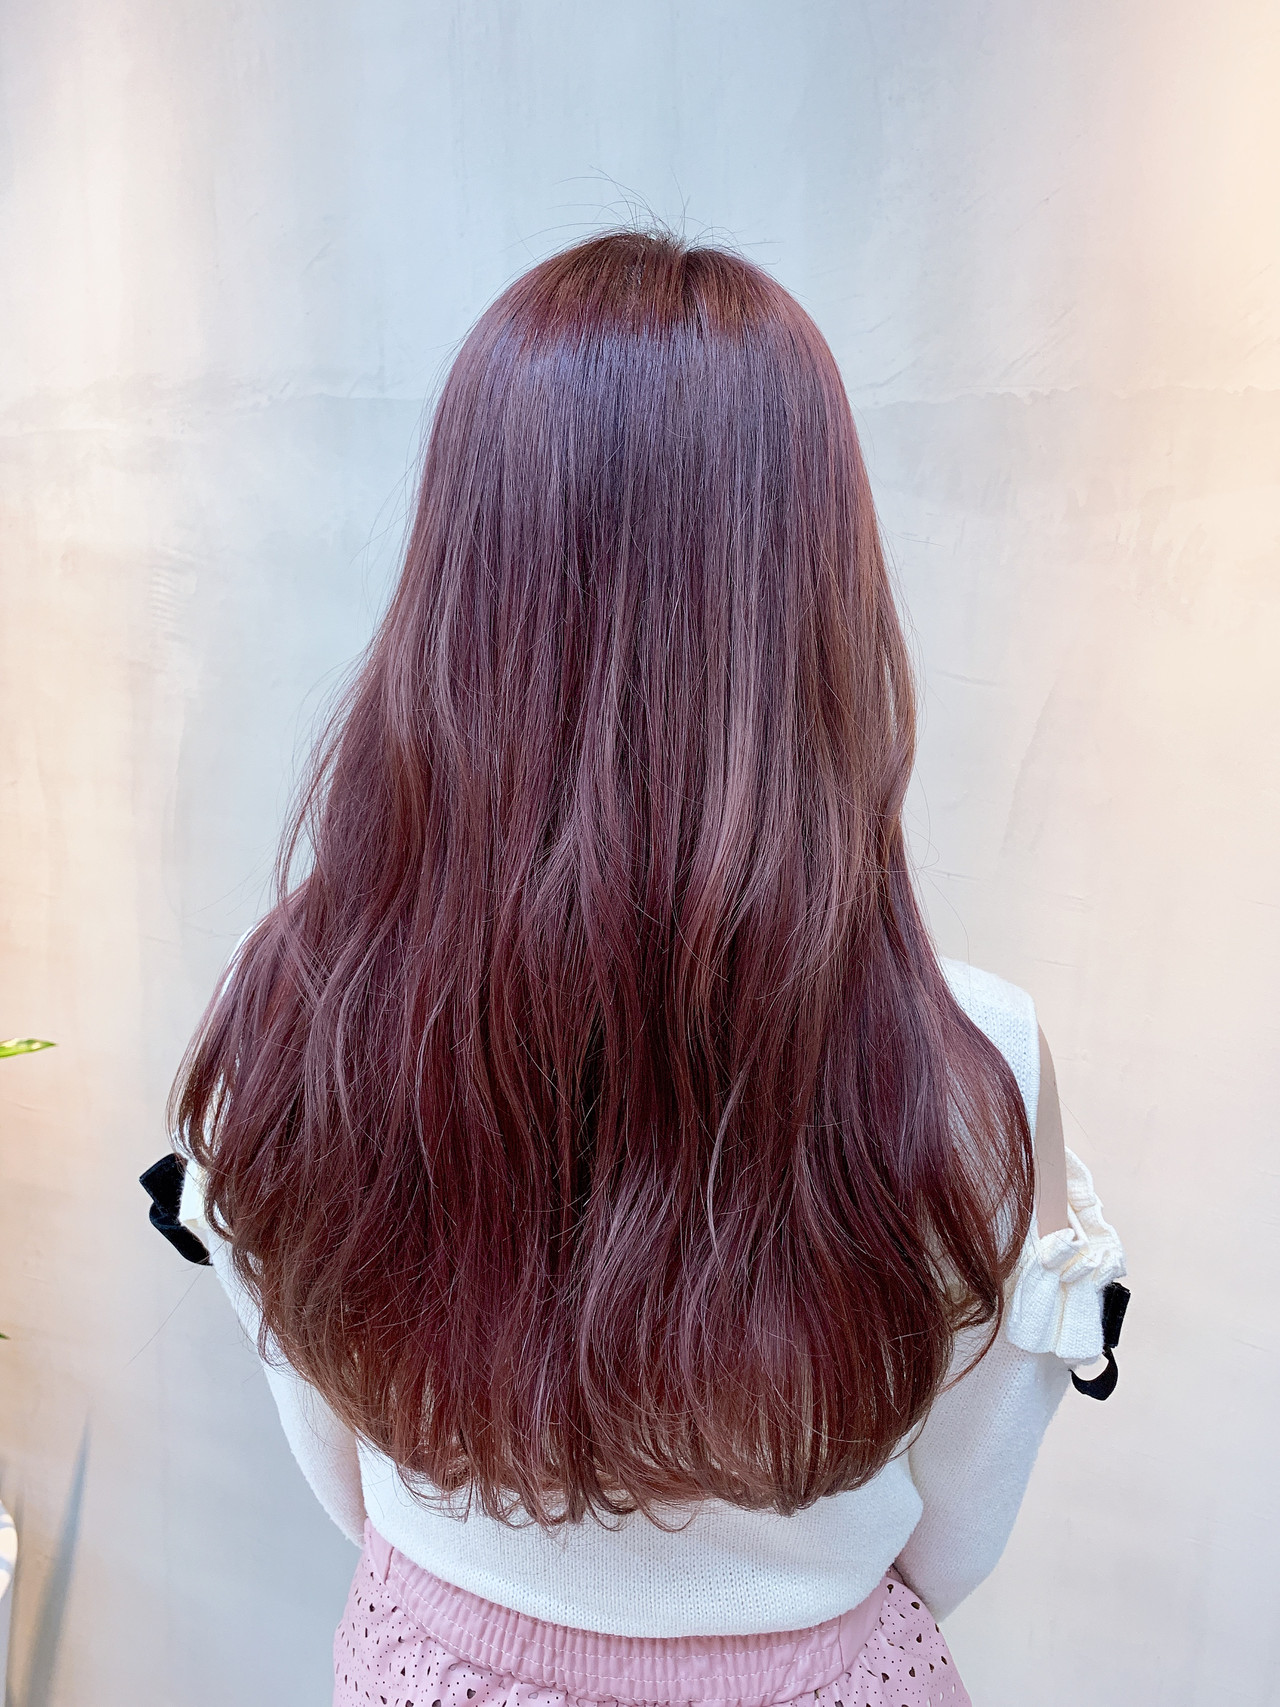 ピンクベージュ 外国人風カラー チェリーピンク ロング ヘアスタイルや髪型の写真・画像